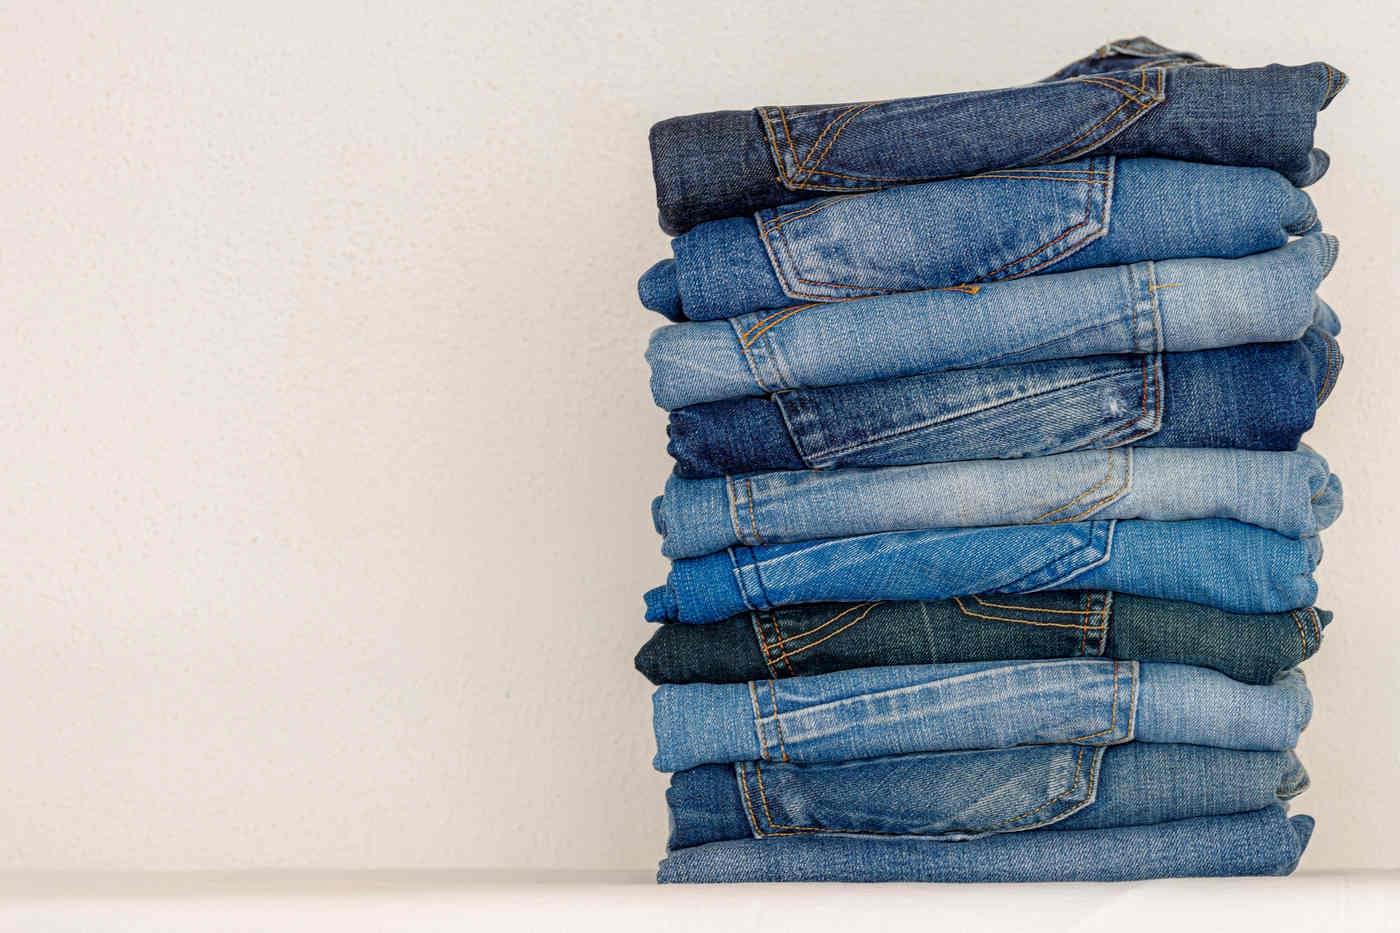 Sindromul pantalonilor mulați - cum afectează blugii skinny sănătatea